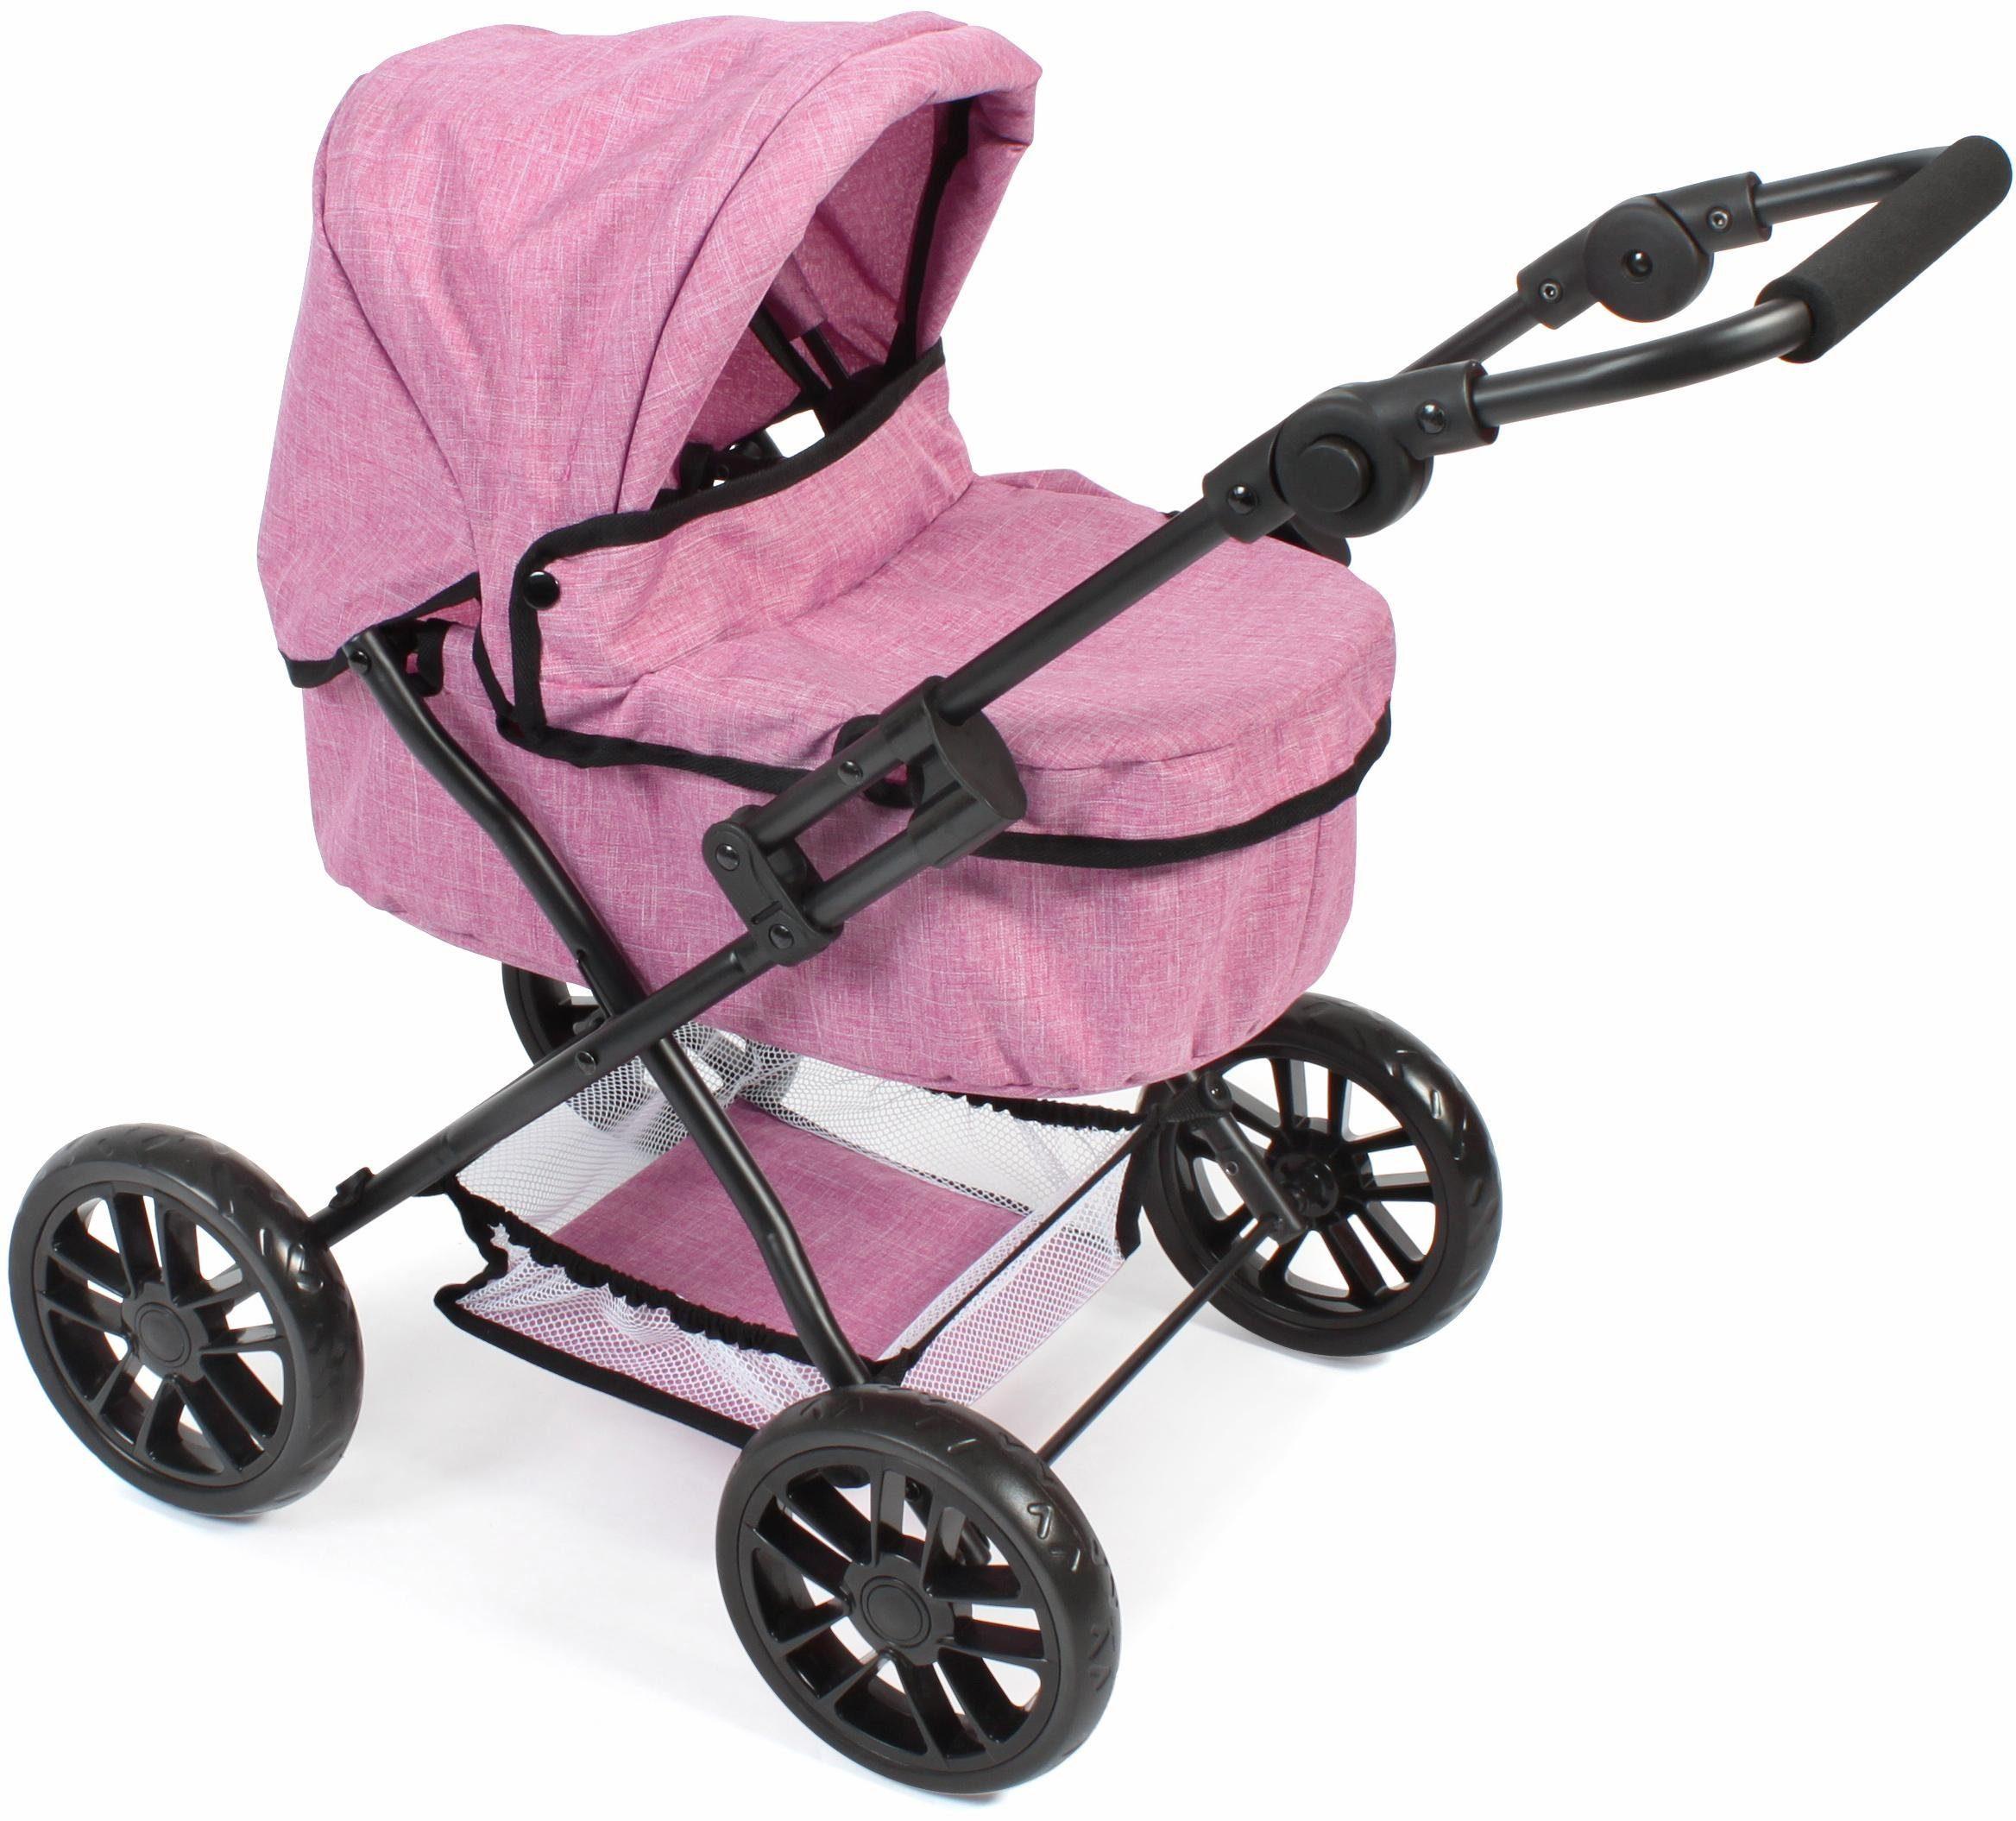 CHIC2000 Puppenwagen, »Picobello, pink«